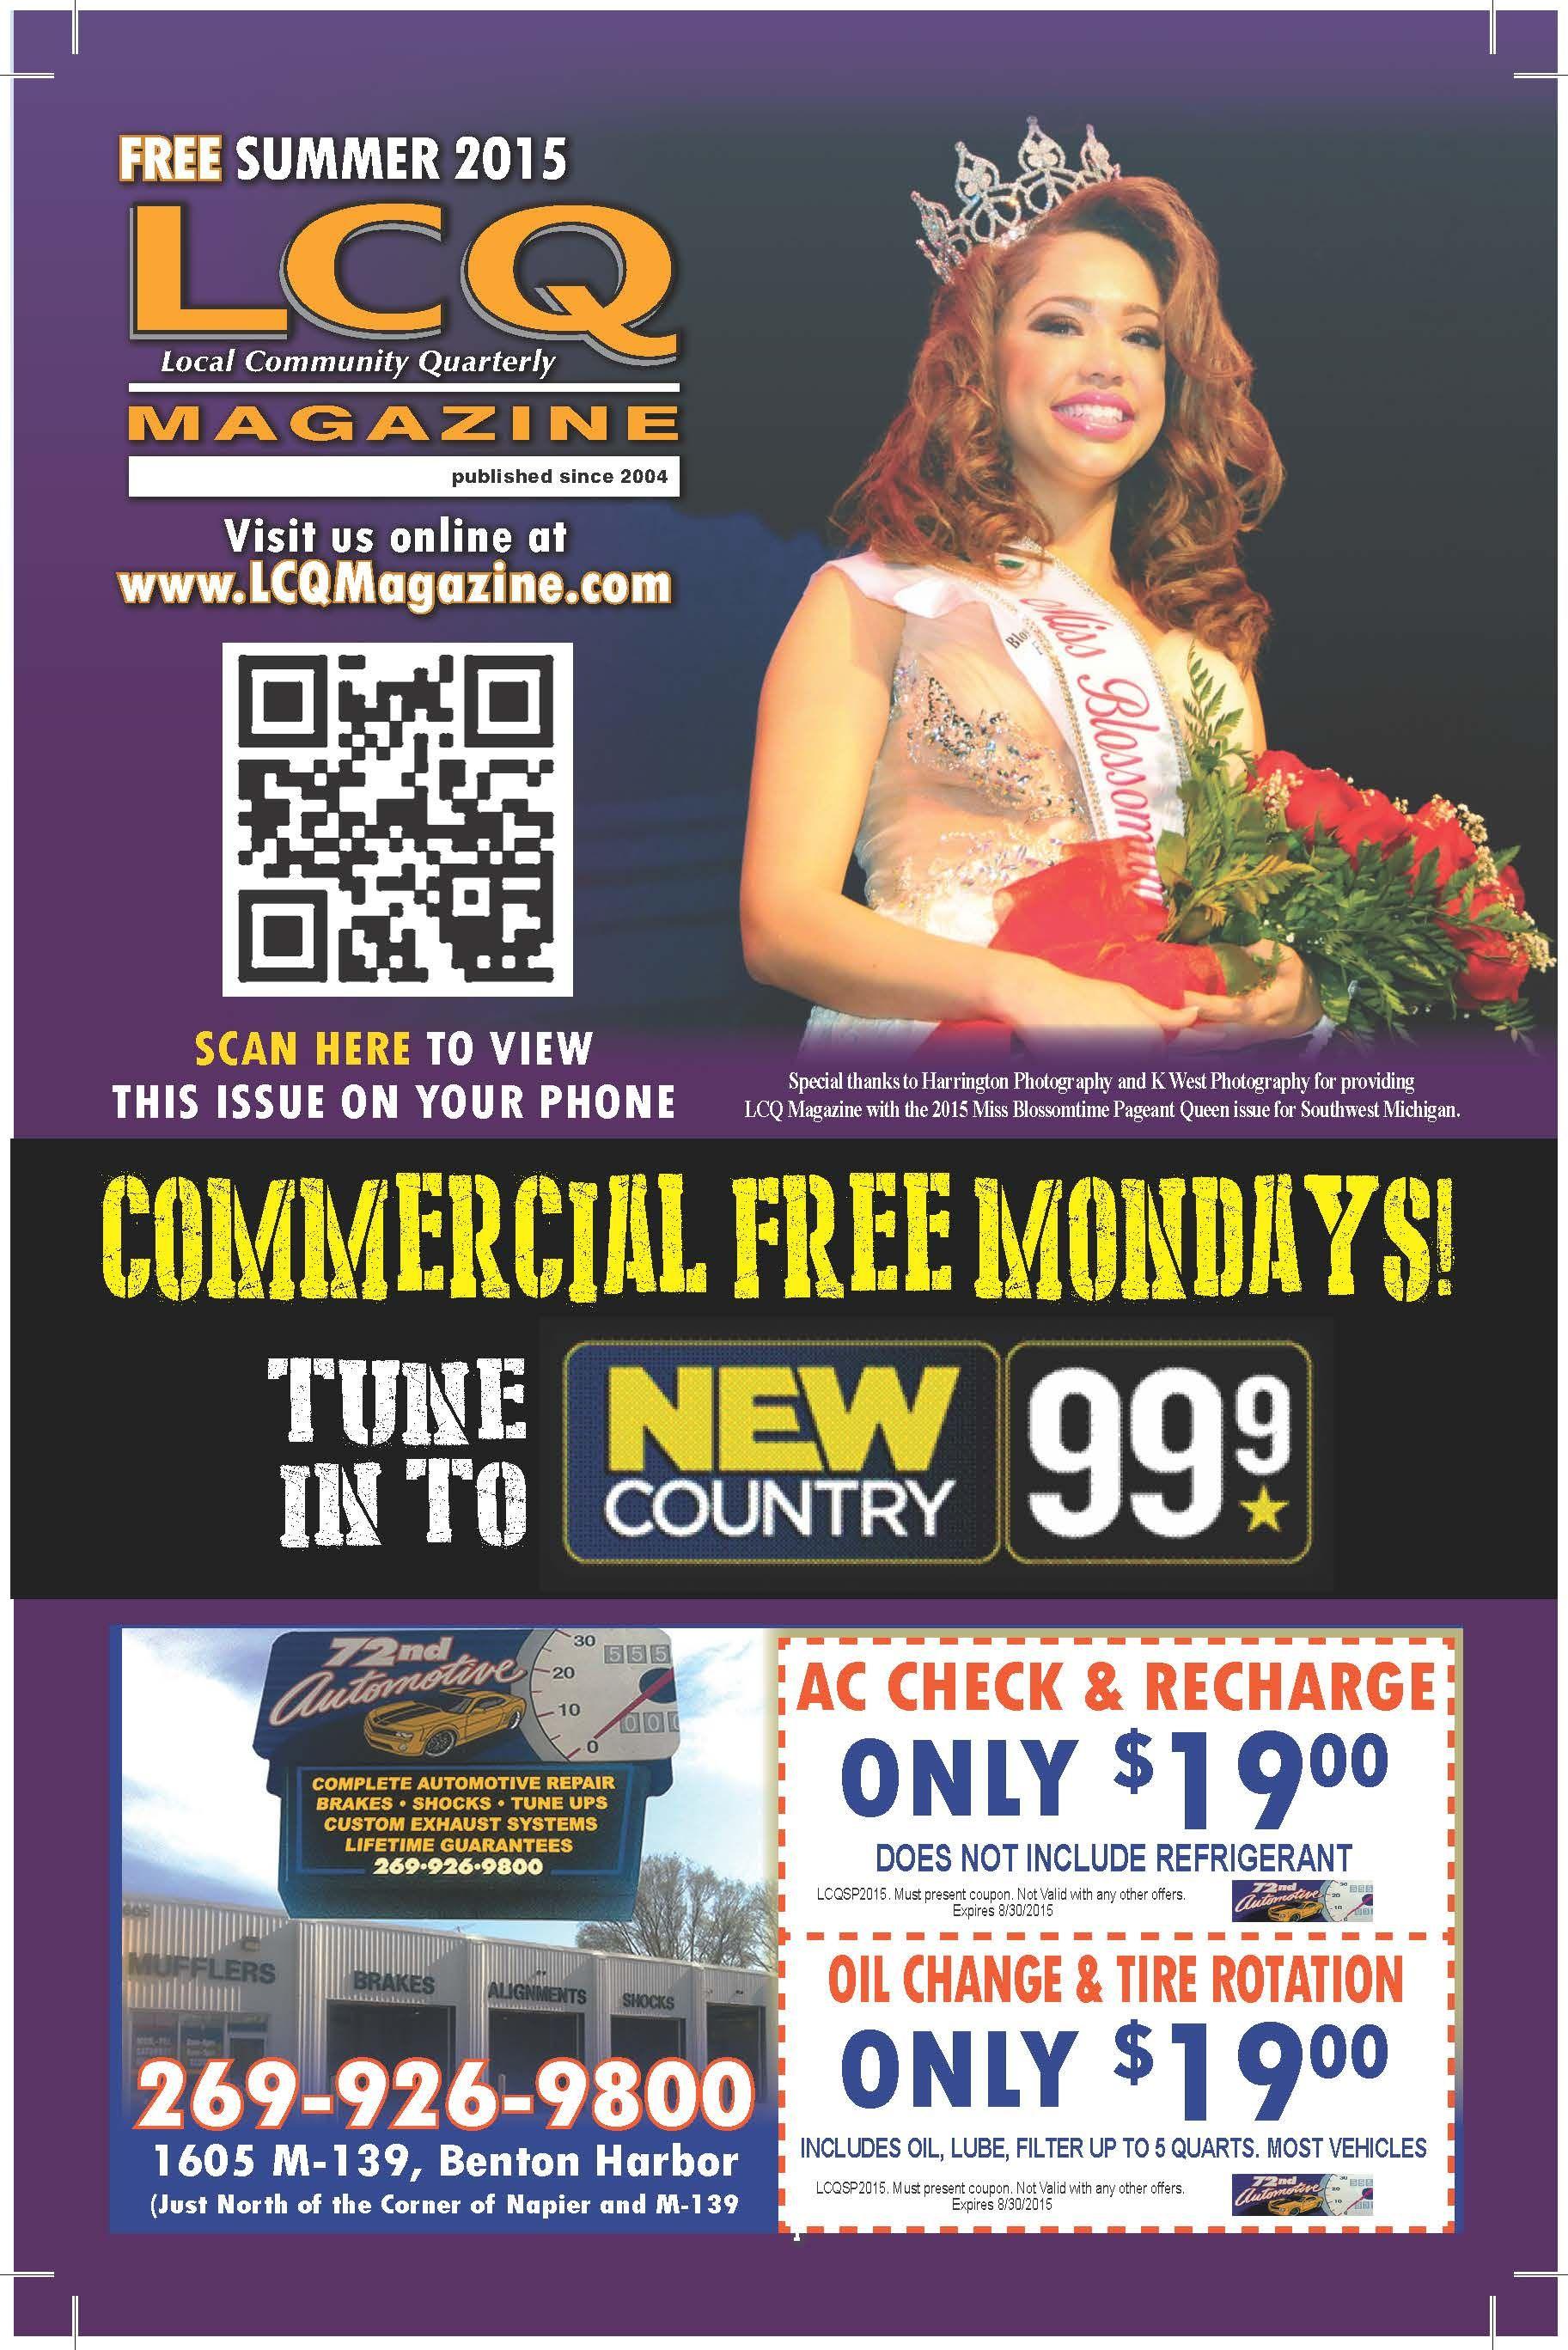 Southwestern michigan leading coupon magazine magazine